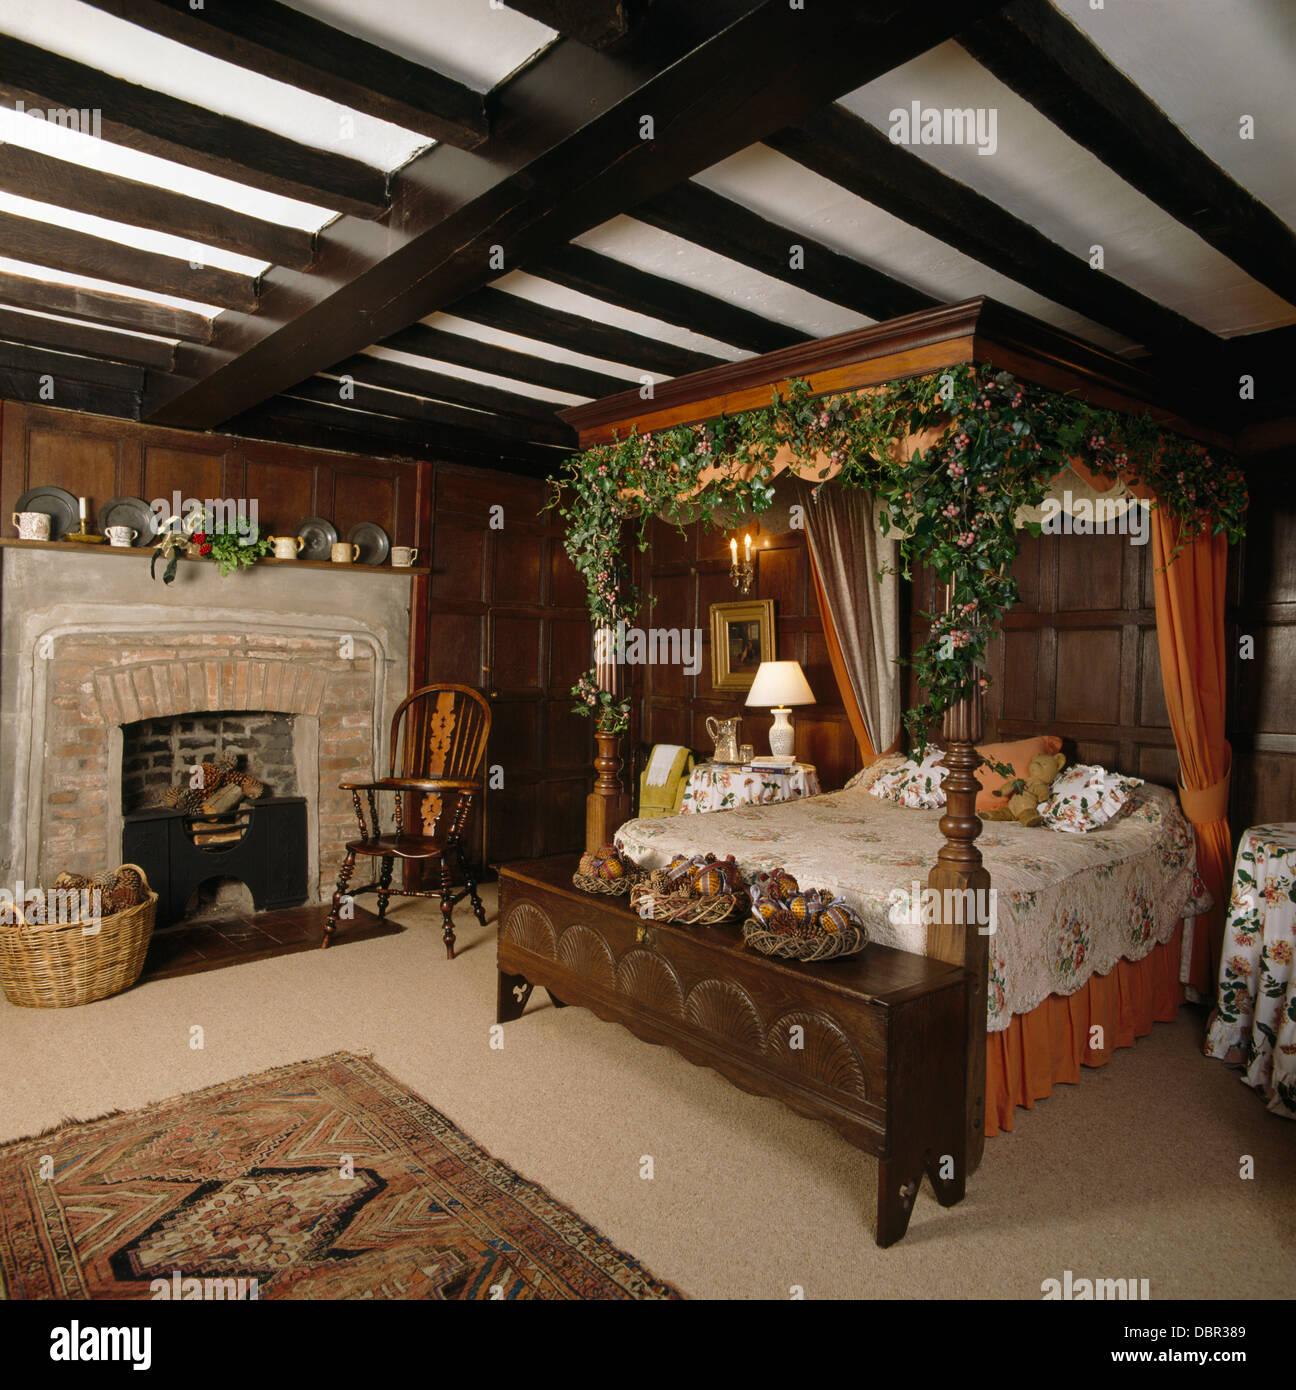 schlafzimmereinrichtungen bett dekoriert zu weihnachten. Black Bedroom Furniture Sets. Home Design Ideas